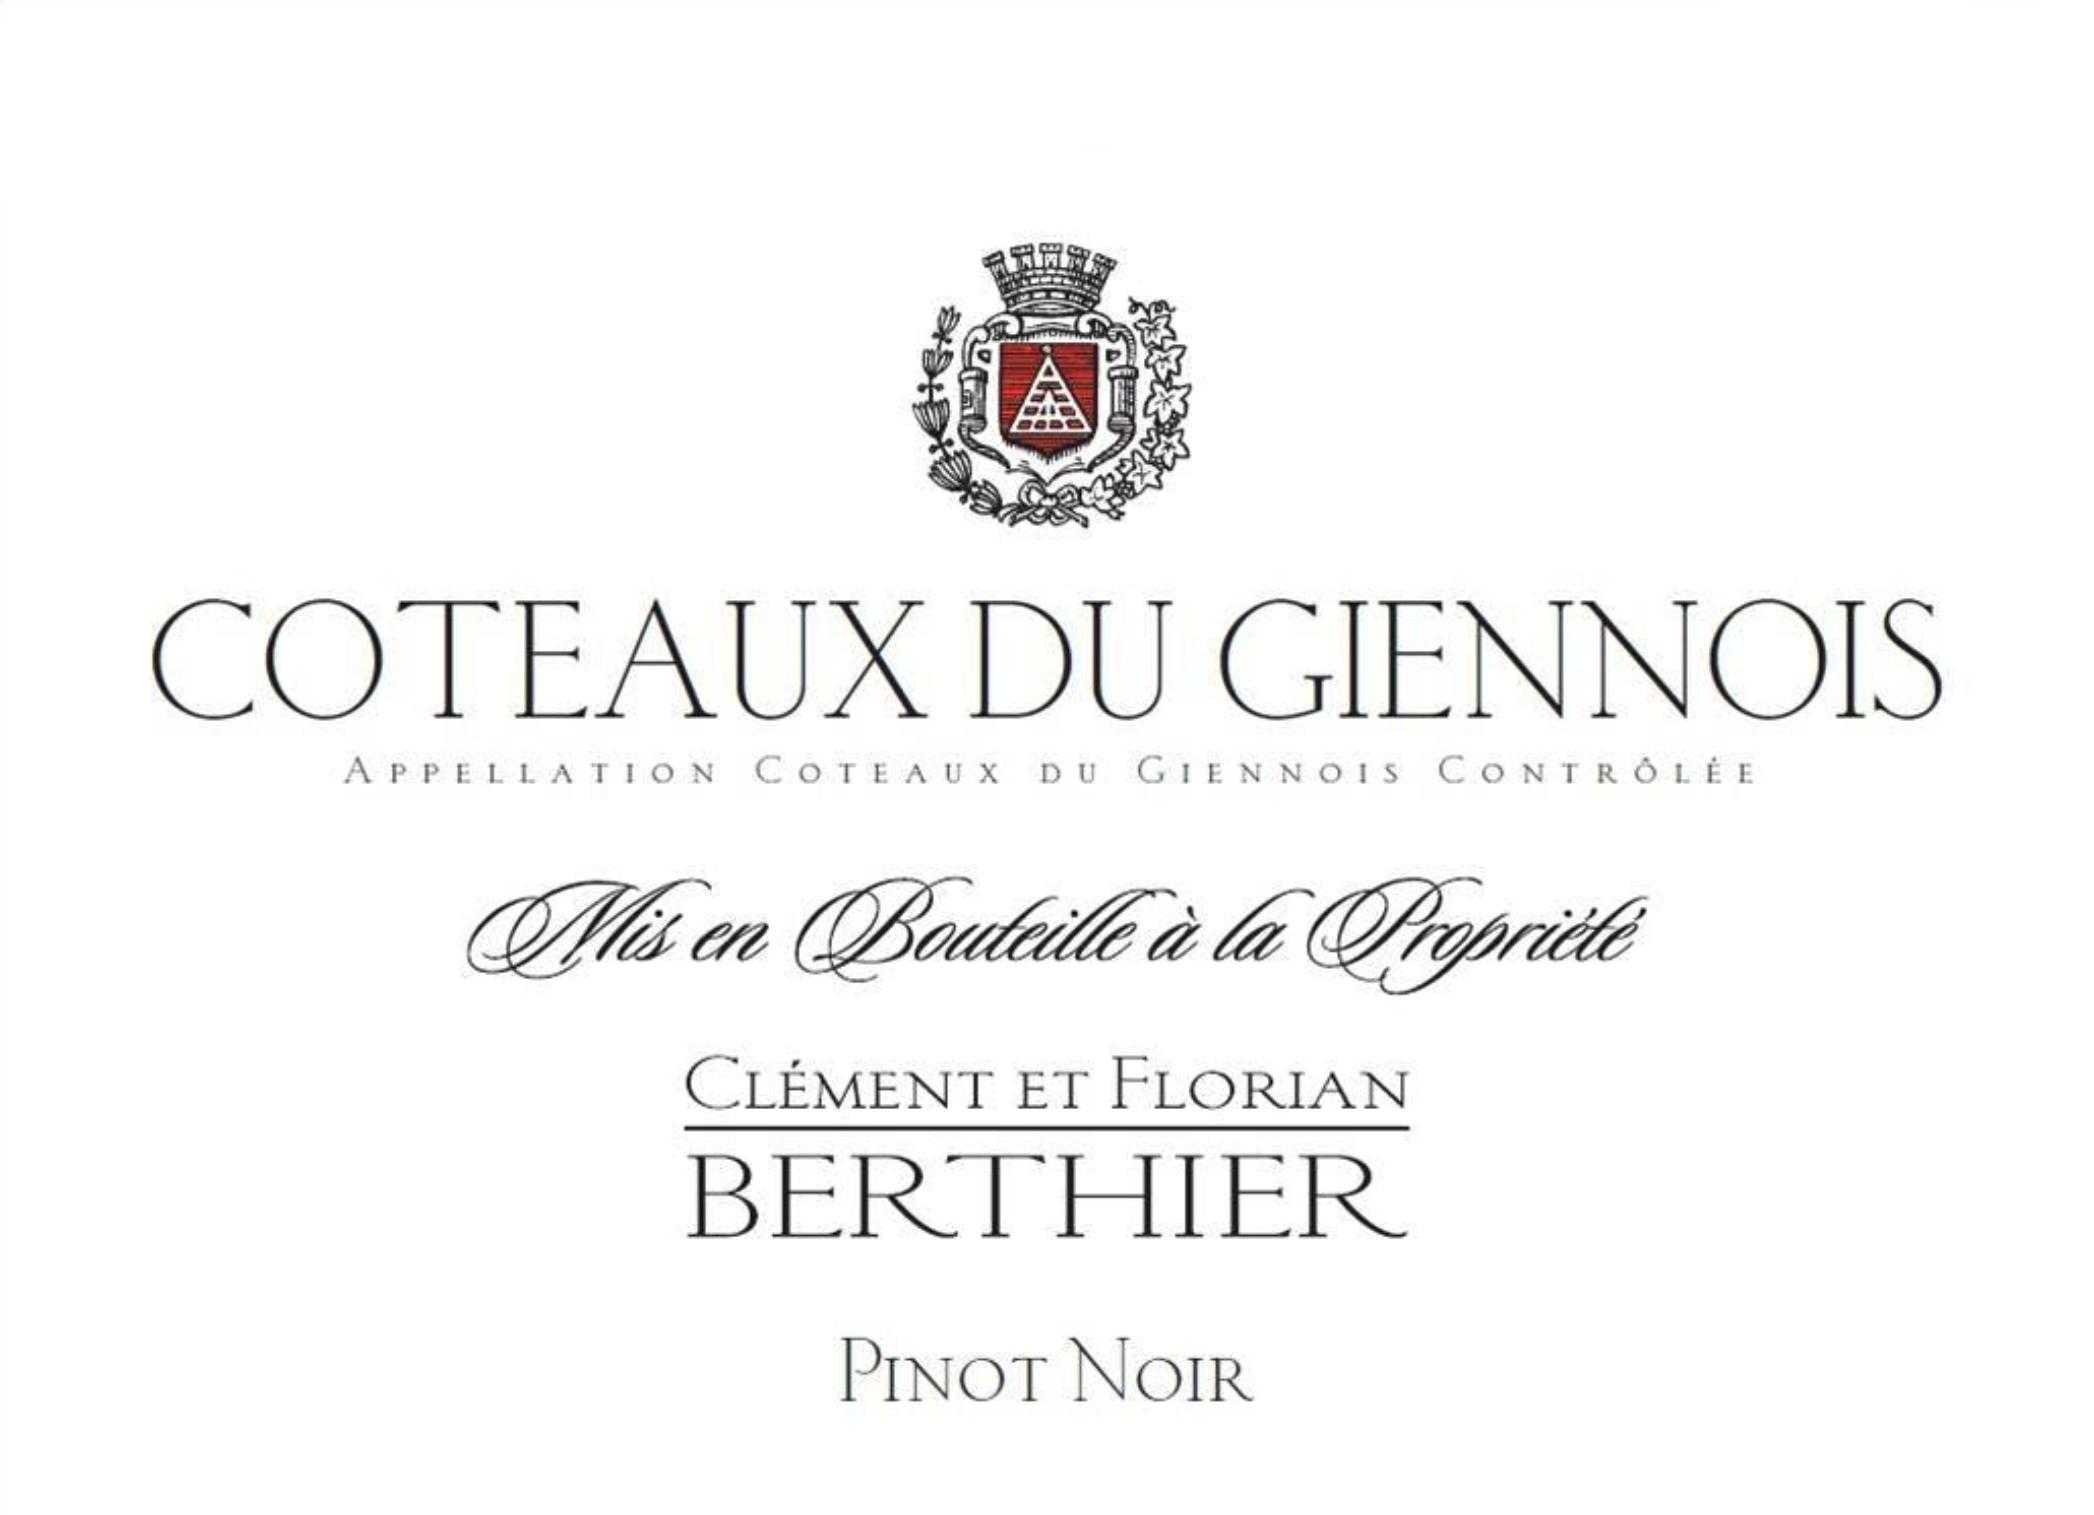 Clement Et Florian Berthier Coteaux Du Giennois Rouge Pinot Noir 2018